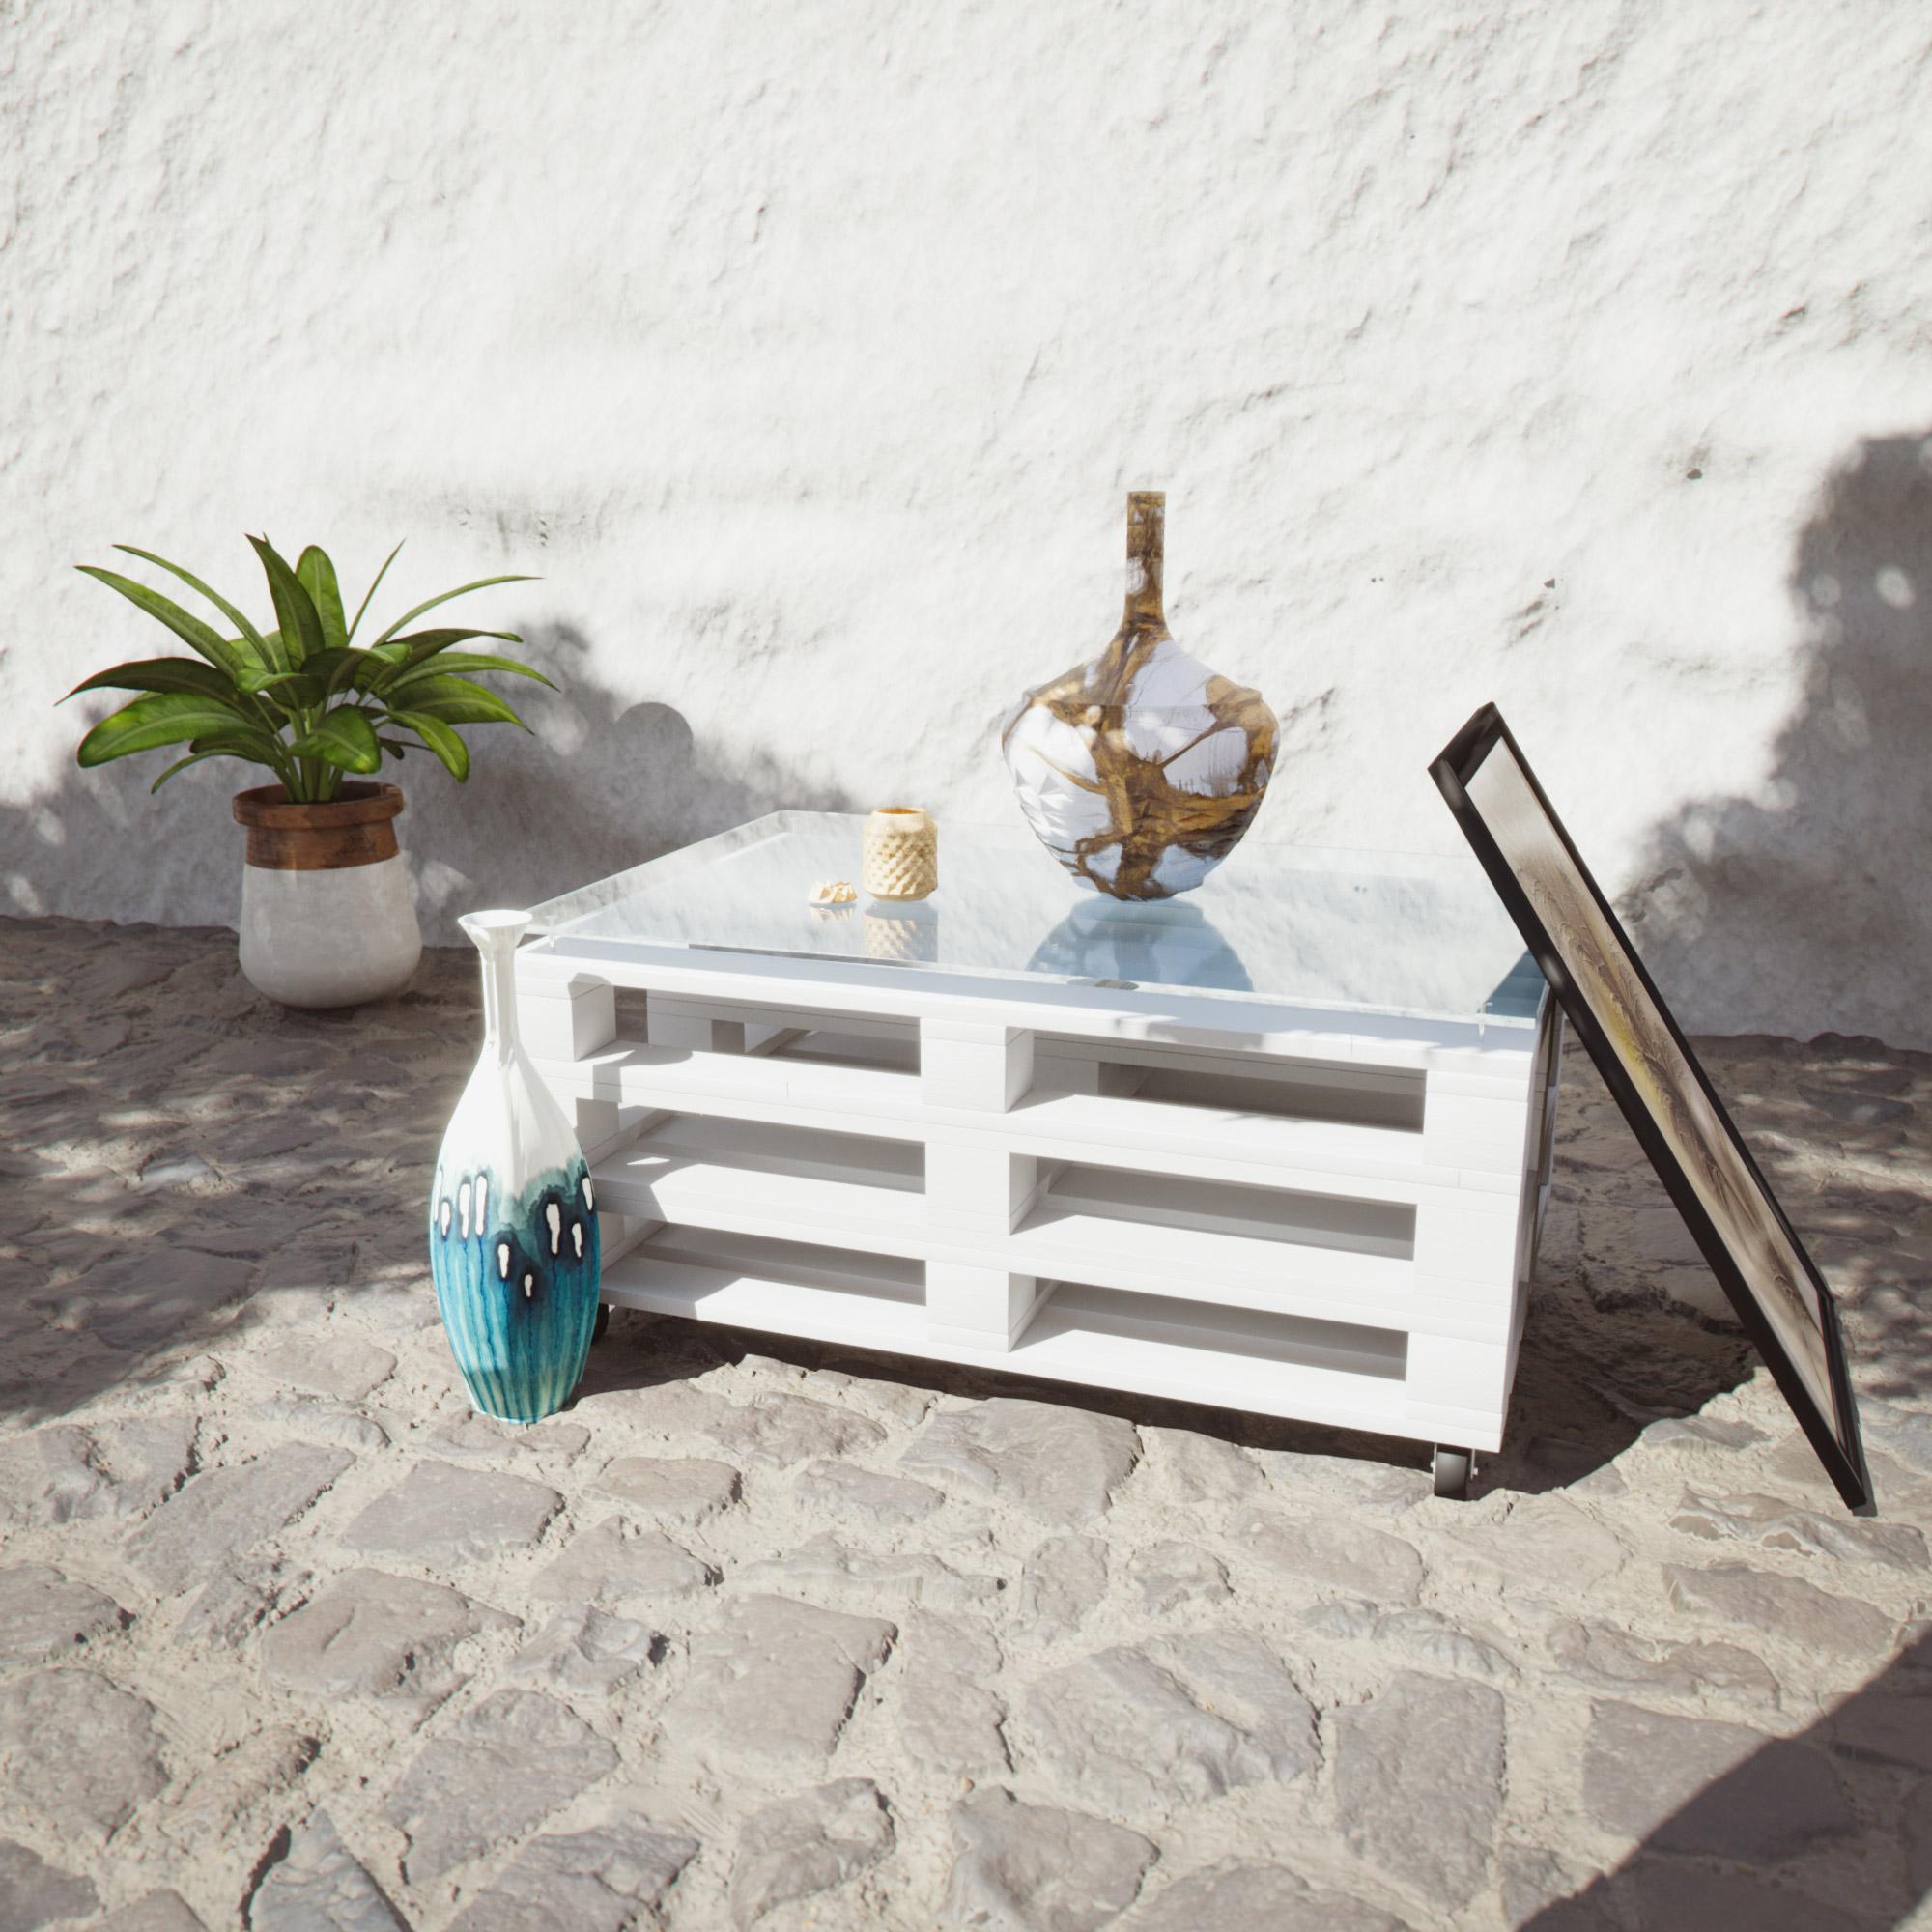 Palet mueble pintado a la tiza